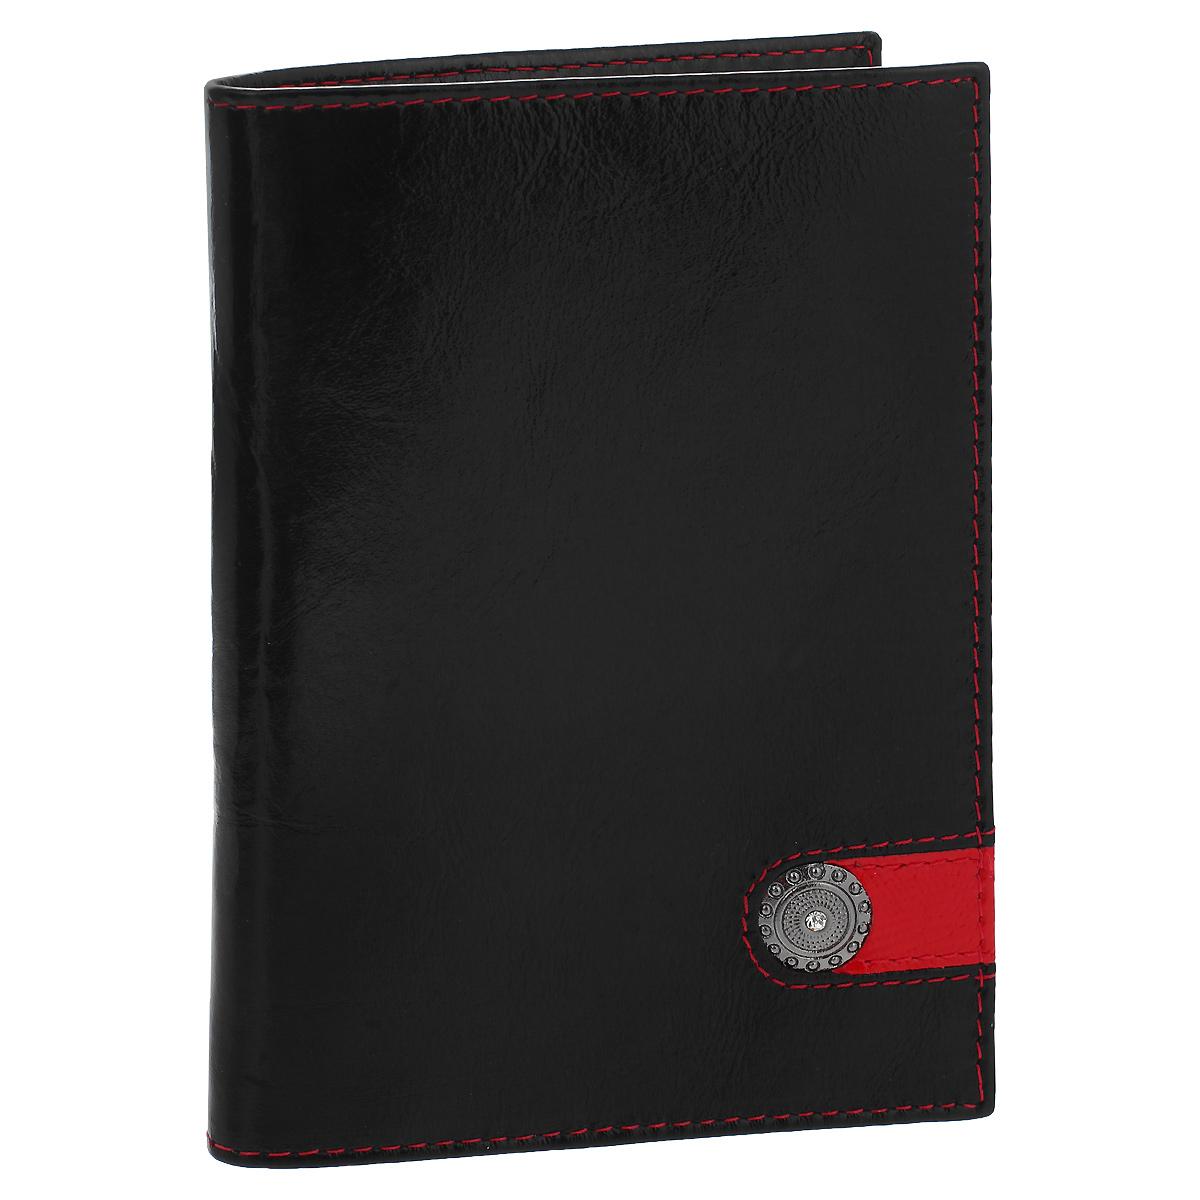 Обложка для паспорта Dimanche Panthere Noire, цвет: черный. 320320Обложка для паспорта Panthere Noire выполнена из натуральной кожи с глянцевой поверхностью и оформлен декоративным металлическим элементом со стразой. На внутреннем развороте - два кармашка из прозрачного пластика. Обложка не только поможет сохранить внешний вид ваших документов и защитит их от повреждений, но и станет стильным аксессуаром, который подчеркнет ваш неповторимый стиль. Обложка упакована в коробку из плотного картона с логотипом фирмы.